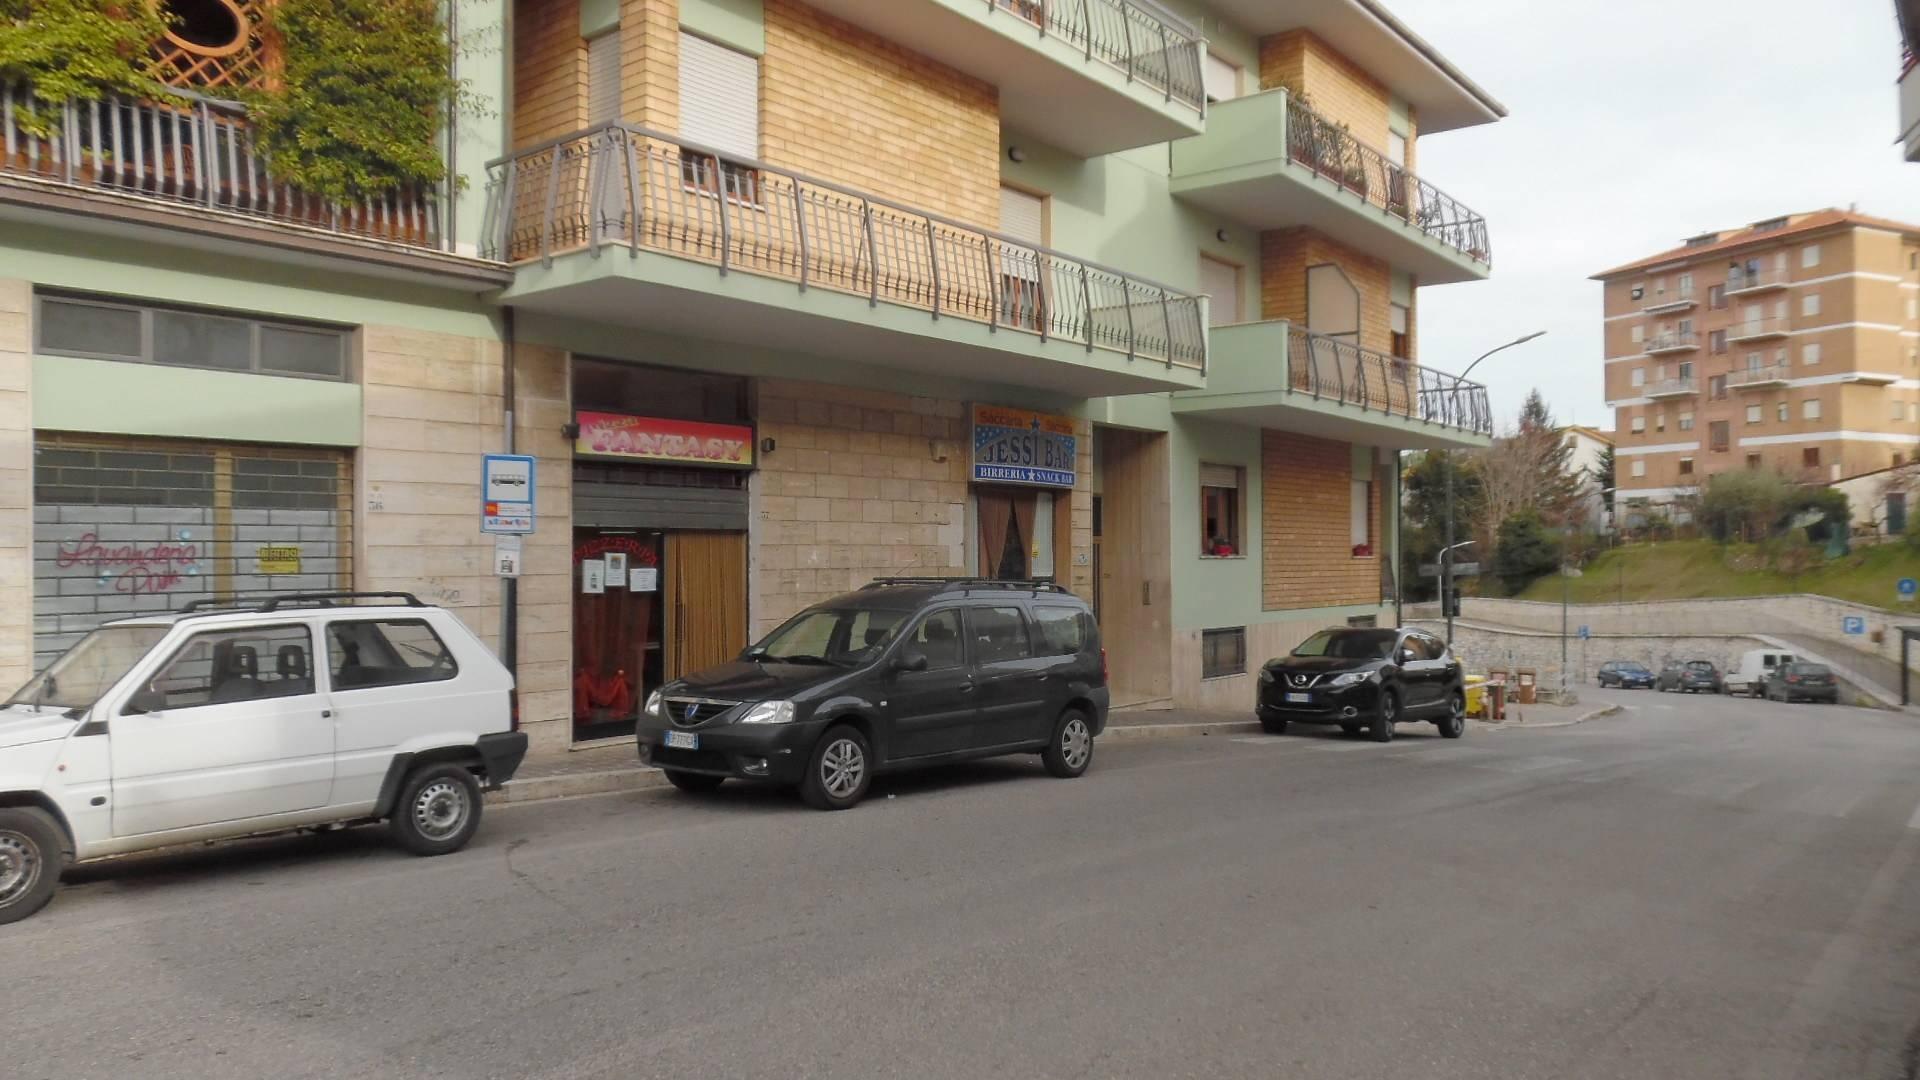 Negozio / Locale in vendita a Folignano, 9999 locali, prezzo € 60.000 | CambioCasa.it